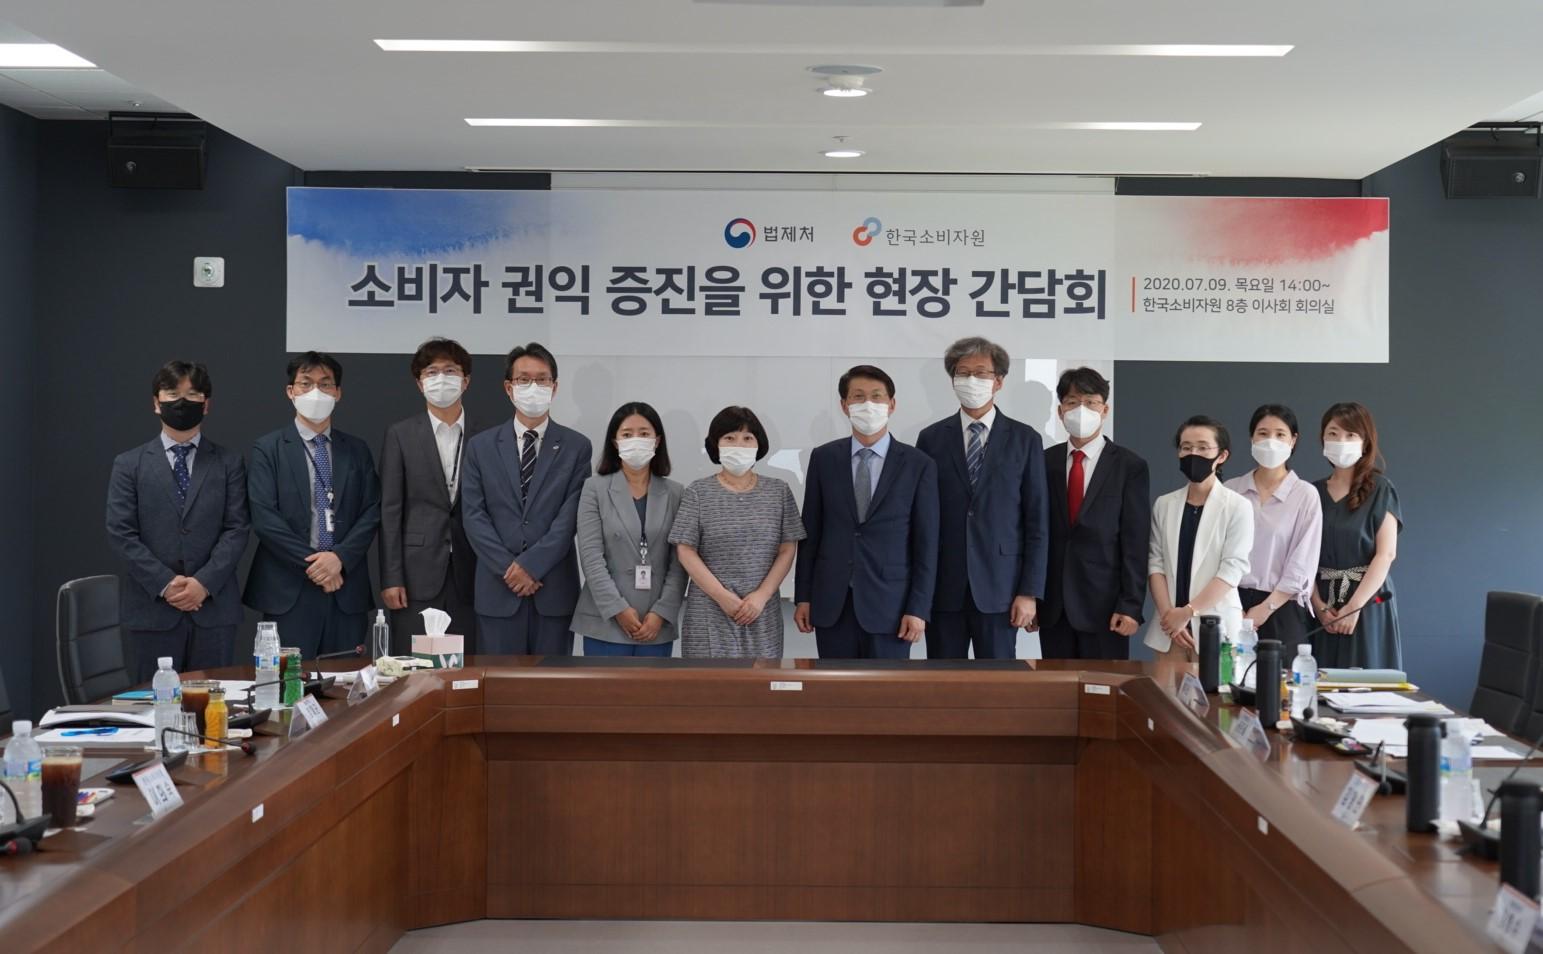 한국소비자원 간담회 사진 2